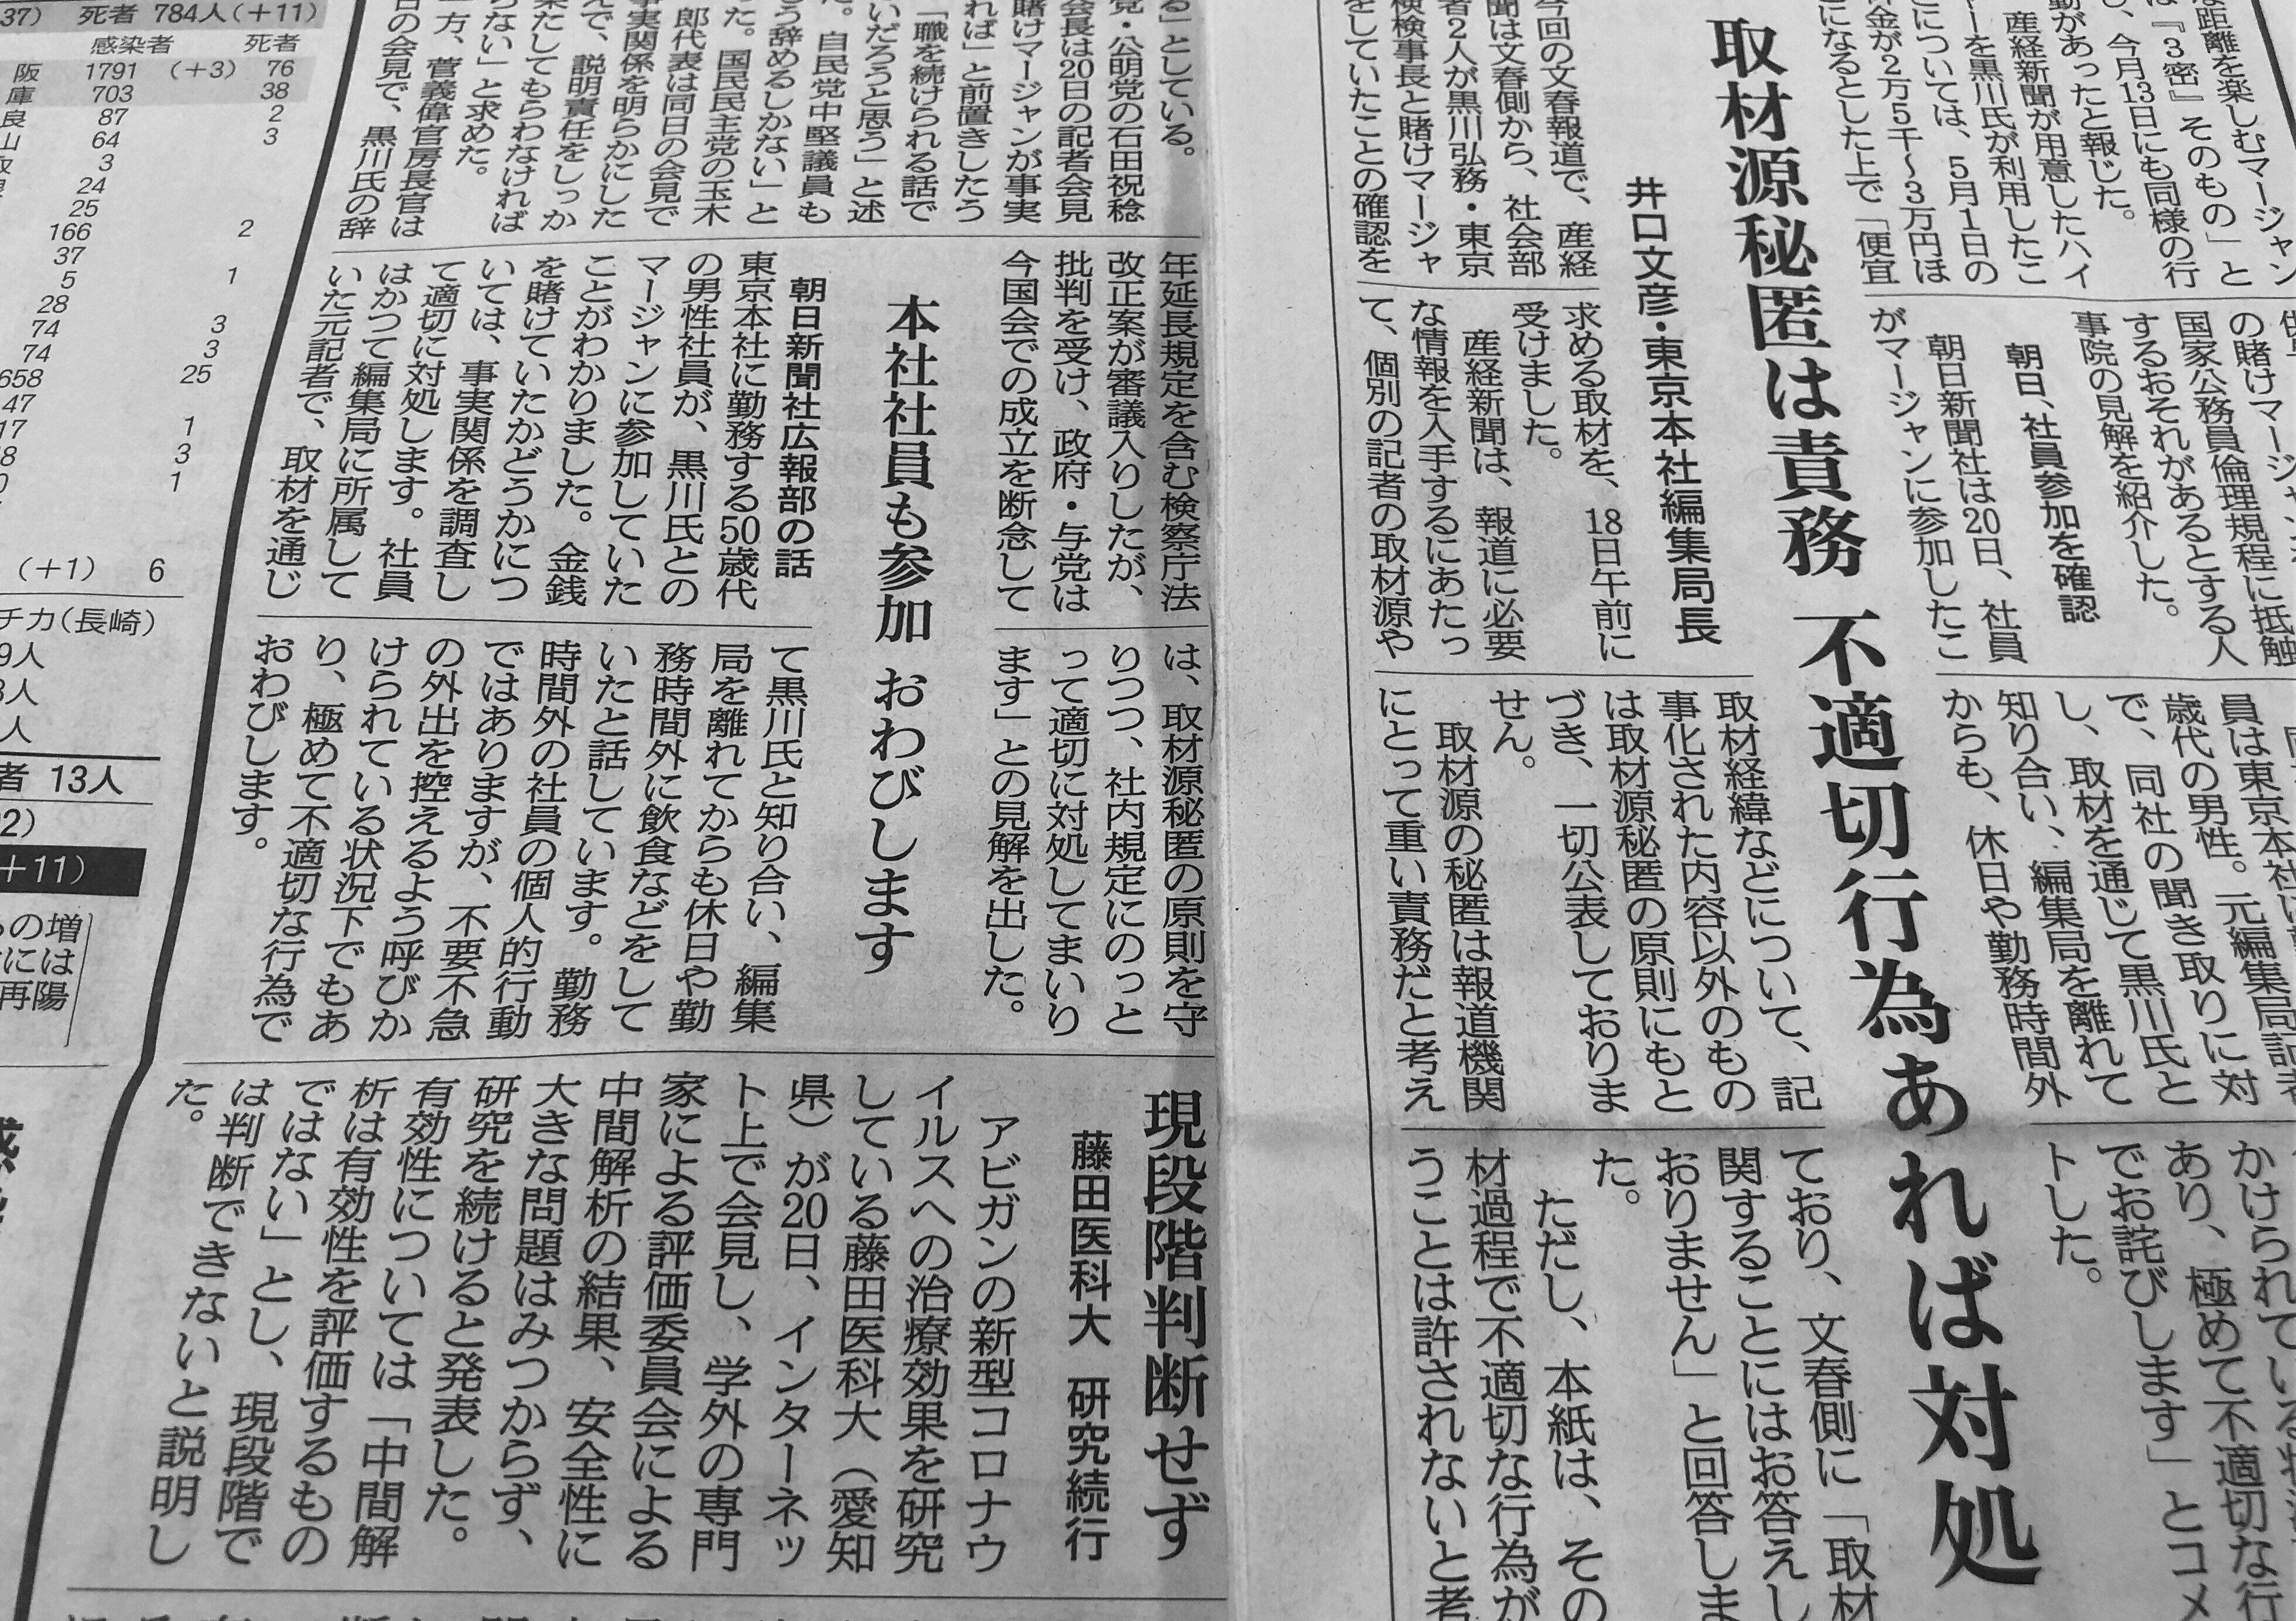 黒川氏「進退」、産経だけ朝刊で伝えず 同じ「当事者」朝日と比べると